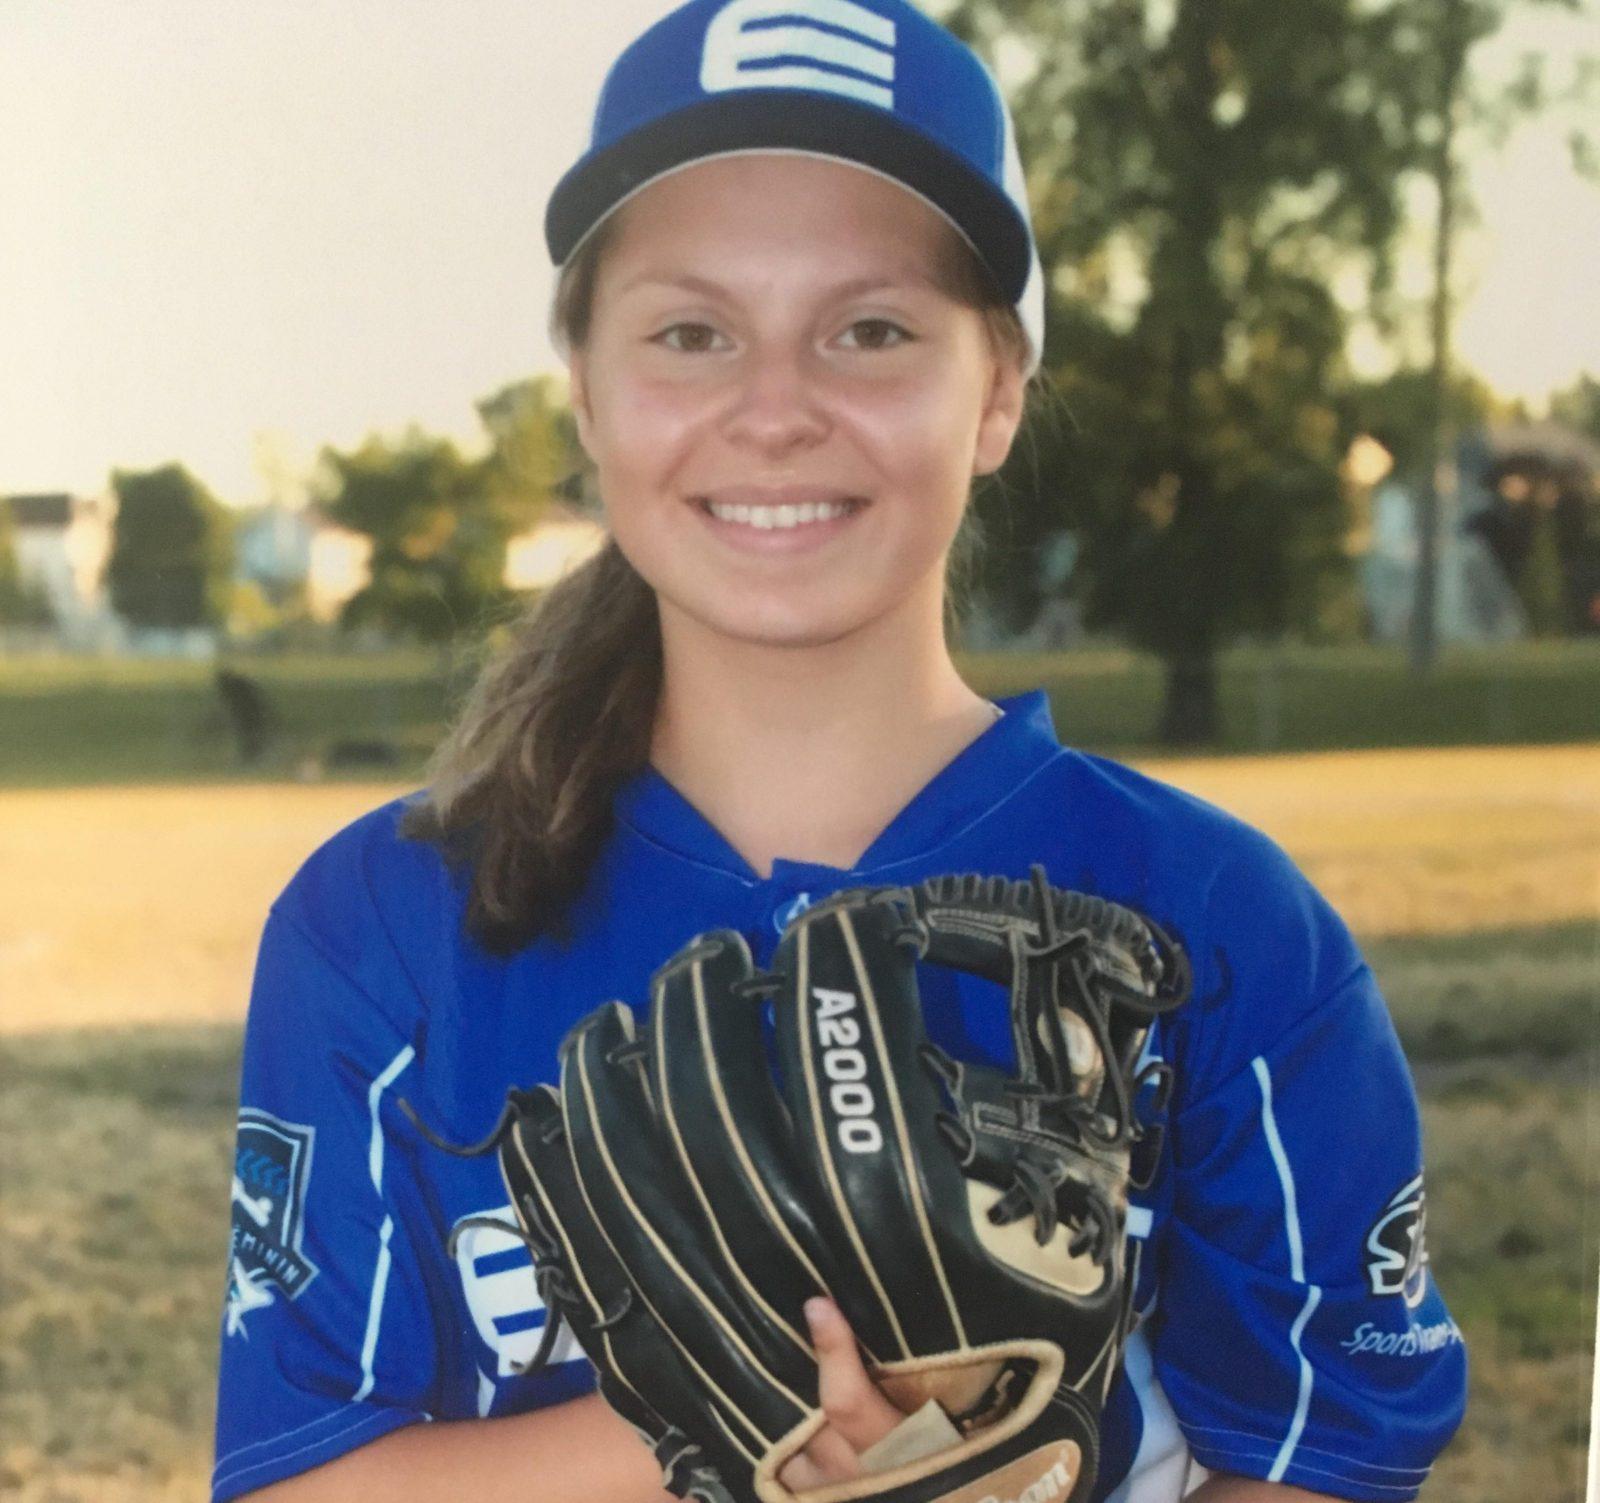 Audrey-Anne Vachon vise Équipe Québec U16